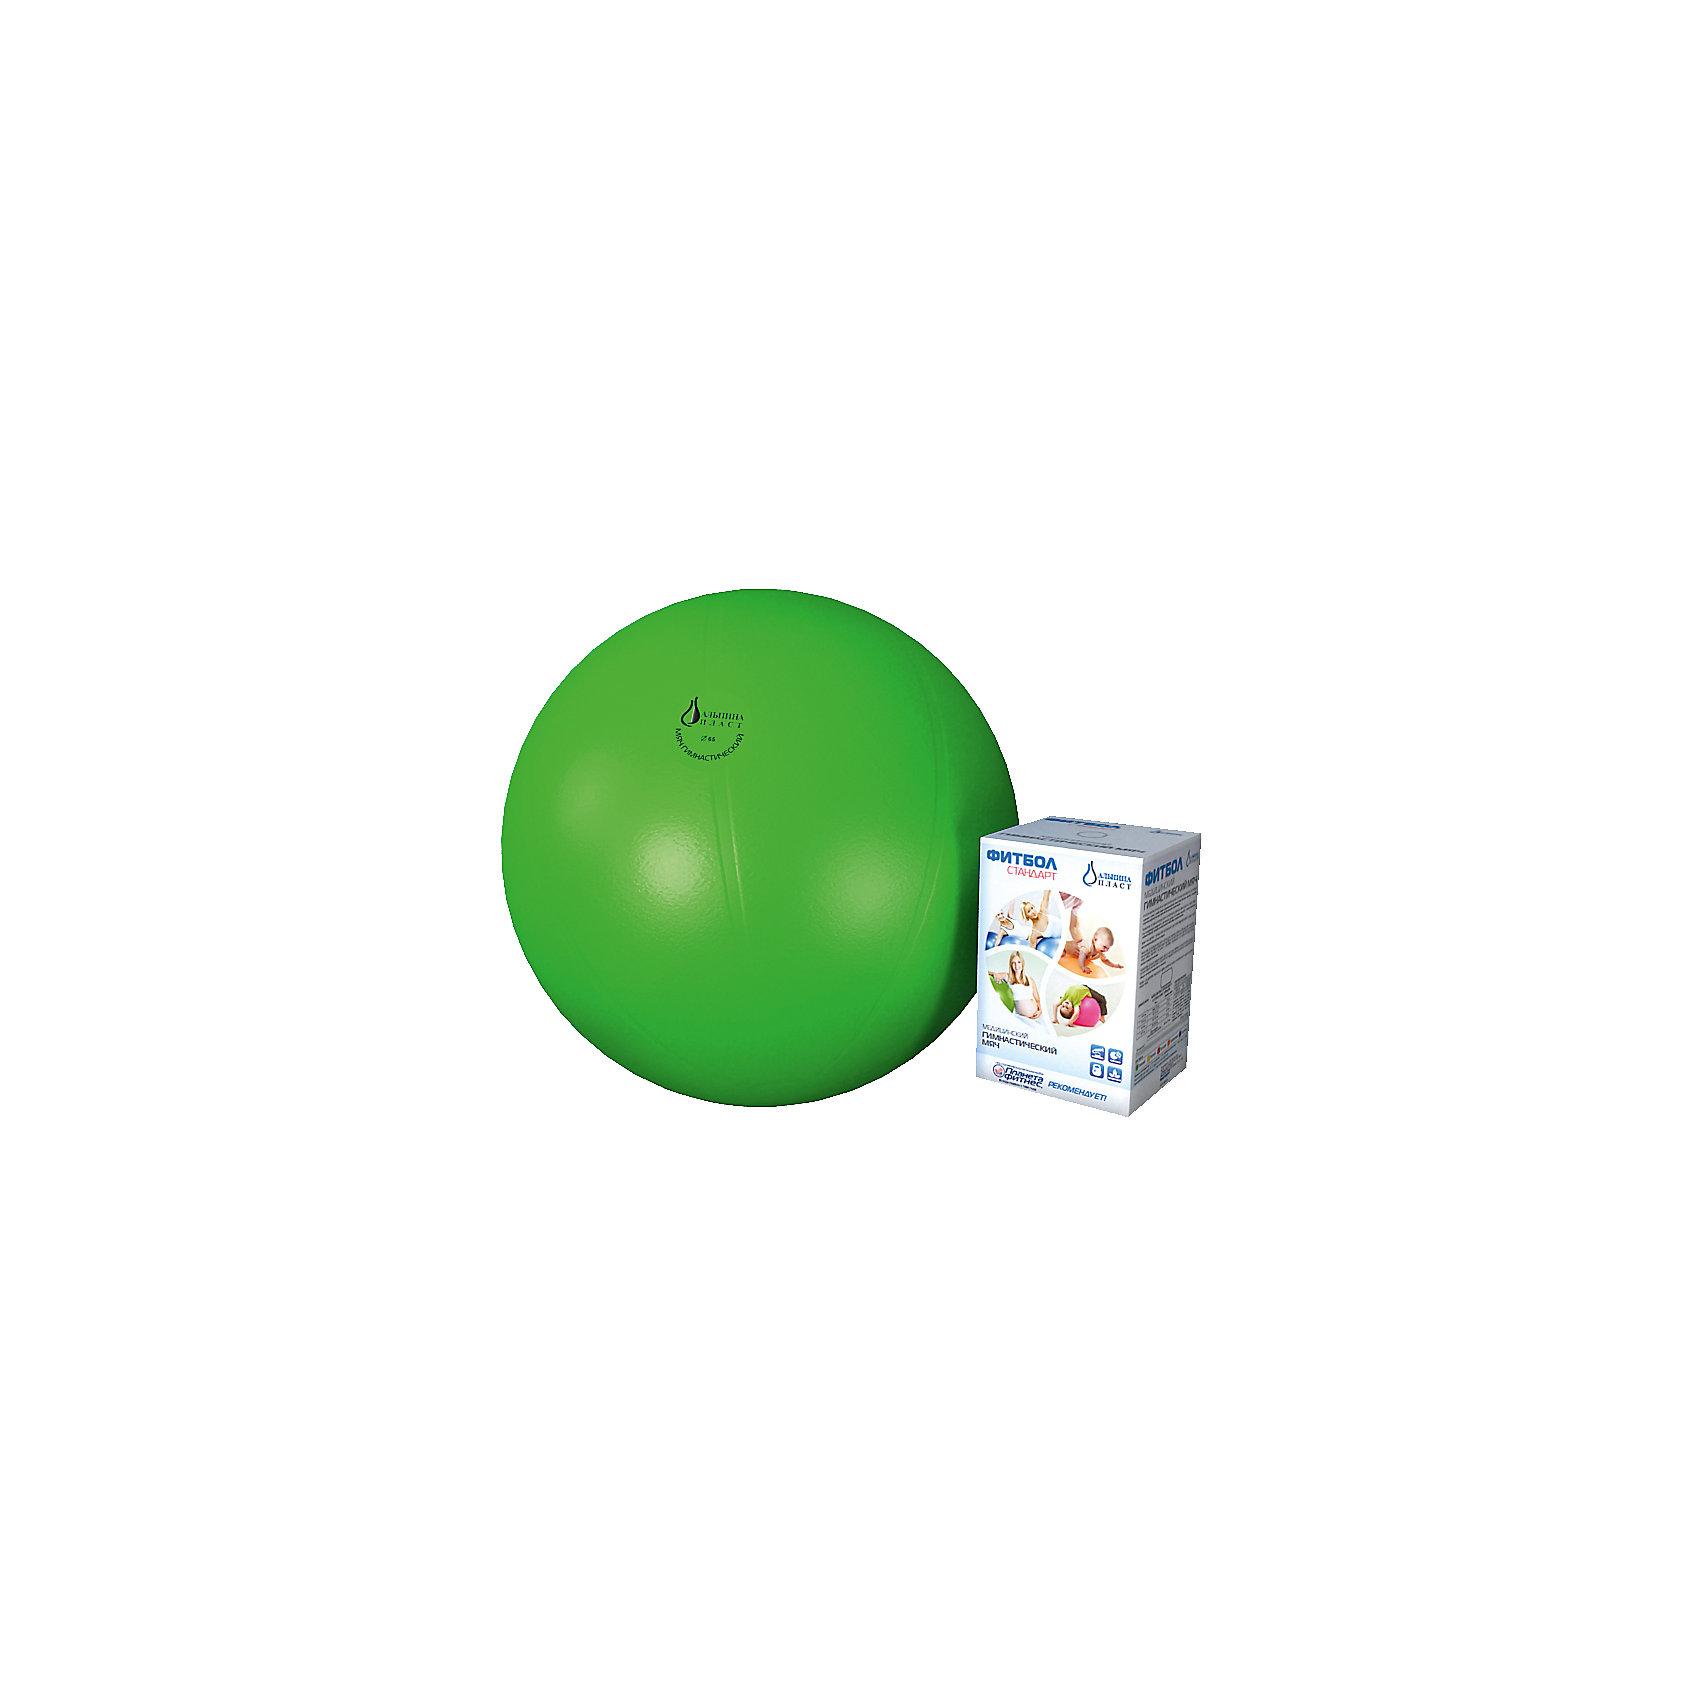 Фитбол Стандарт, зеленый, ?550 мм, Альпина ПластТренажёры<br>Фитбол Стандарт, зеленый, ?550 мм, Альпина Пласт.<br><br>Характеристики:<br><br>• Возврат: от 4 месяцев до 16 лет<br>• Диаметр гимнастического мяча: 55 см.<br>• Выдерживает нагрузку до 300 кг.<br>• Система антивзрыв<br>• Материал: ПВХ (Италия)<br>• Цвет: зеленый<br>• Регистрационное удостоверение № ФСР 2010/09426 от 13.12.10<br><br>Яркий гимнастический мяч (фитбол) Стандарт от отечественного производителя предназначен для: занятий спортивной и лечебной гимнастикой; развития и укрепления мышц спины, рук, живота и ног; формирования правильной осанки; игр и отдыха. Идеально подходит для занятий с детьми с 4-месячного возраста с целью формирования правильных рефлексов и развития координации движения. Фитбол Стандарт снабжен системой антивзрыв, изготовлен на немецком оборудовании из нетоксичного и гипоаллергенного ПВХ (Италия) безвредного для детей любого возраста. Во время гимнастики на фитболе сгорает больше килокалорий, чем при простой силовой тренировке, так как равномерно прорабатываются те группы мышц, которые обычно недоступны, особенно мышцы брюшного пресса и спины. Мяч очень легкий и компактный, надувается насосом в считанные минуты. Продукт сертифицирован как изделие медицинского назначения и соответствует требованиям ТУ 9398-011-17707123-2010.<br><br>Фитбол Стандарт, зеленый, ?550 мм, Альпина Пласт можно купить в нашем интернет-магазине.<br><br>Ширина мм: 180<br>Глубина мм: 160<br>Высота мм: 270<br>Вес г: 1090<br>Возраст от месяцев: 4<br>Возраст до месяцев: 192<br>Пол: Унисекс<br>Возраст: Детский<br>SKU: 5510691